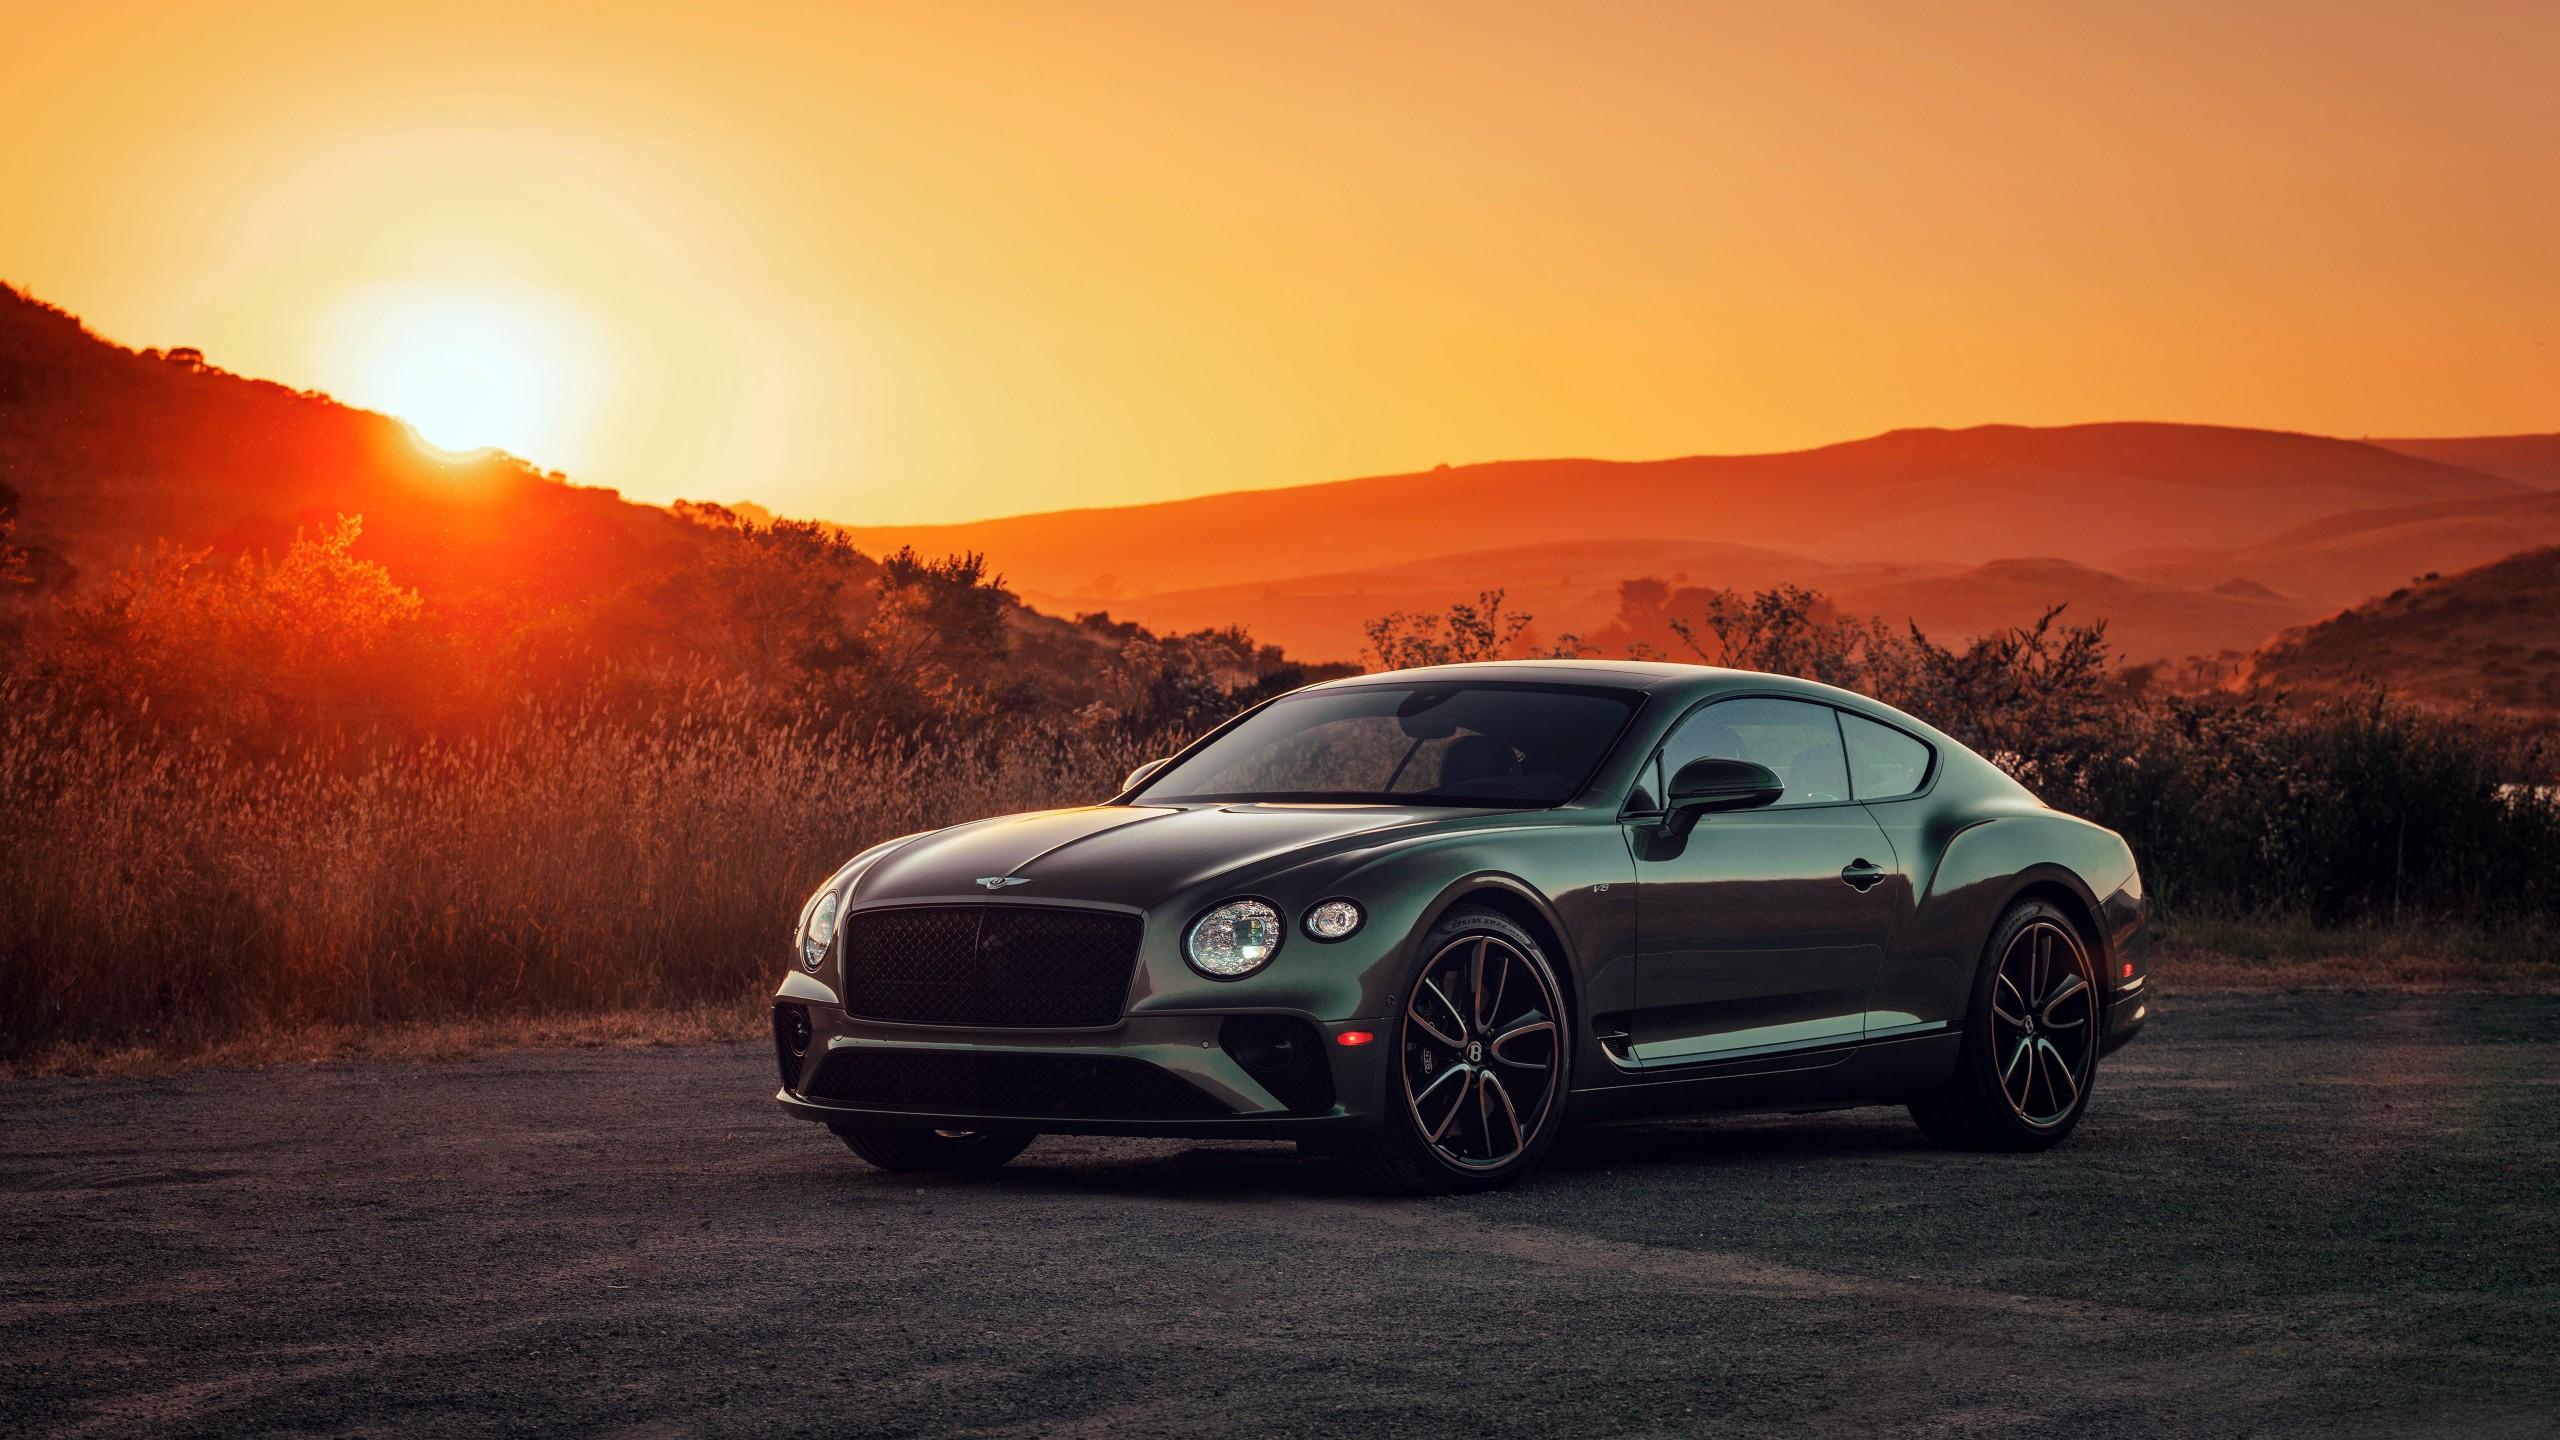 2020 Bentley Continental Gt V8 4k Wallpaper Hd Car